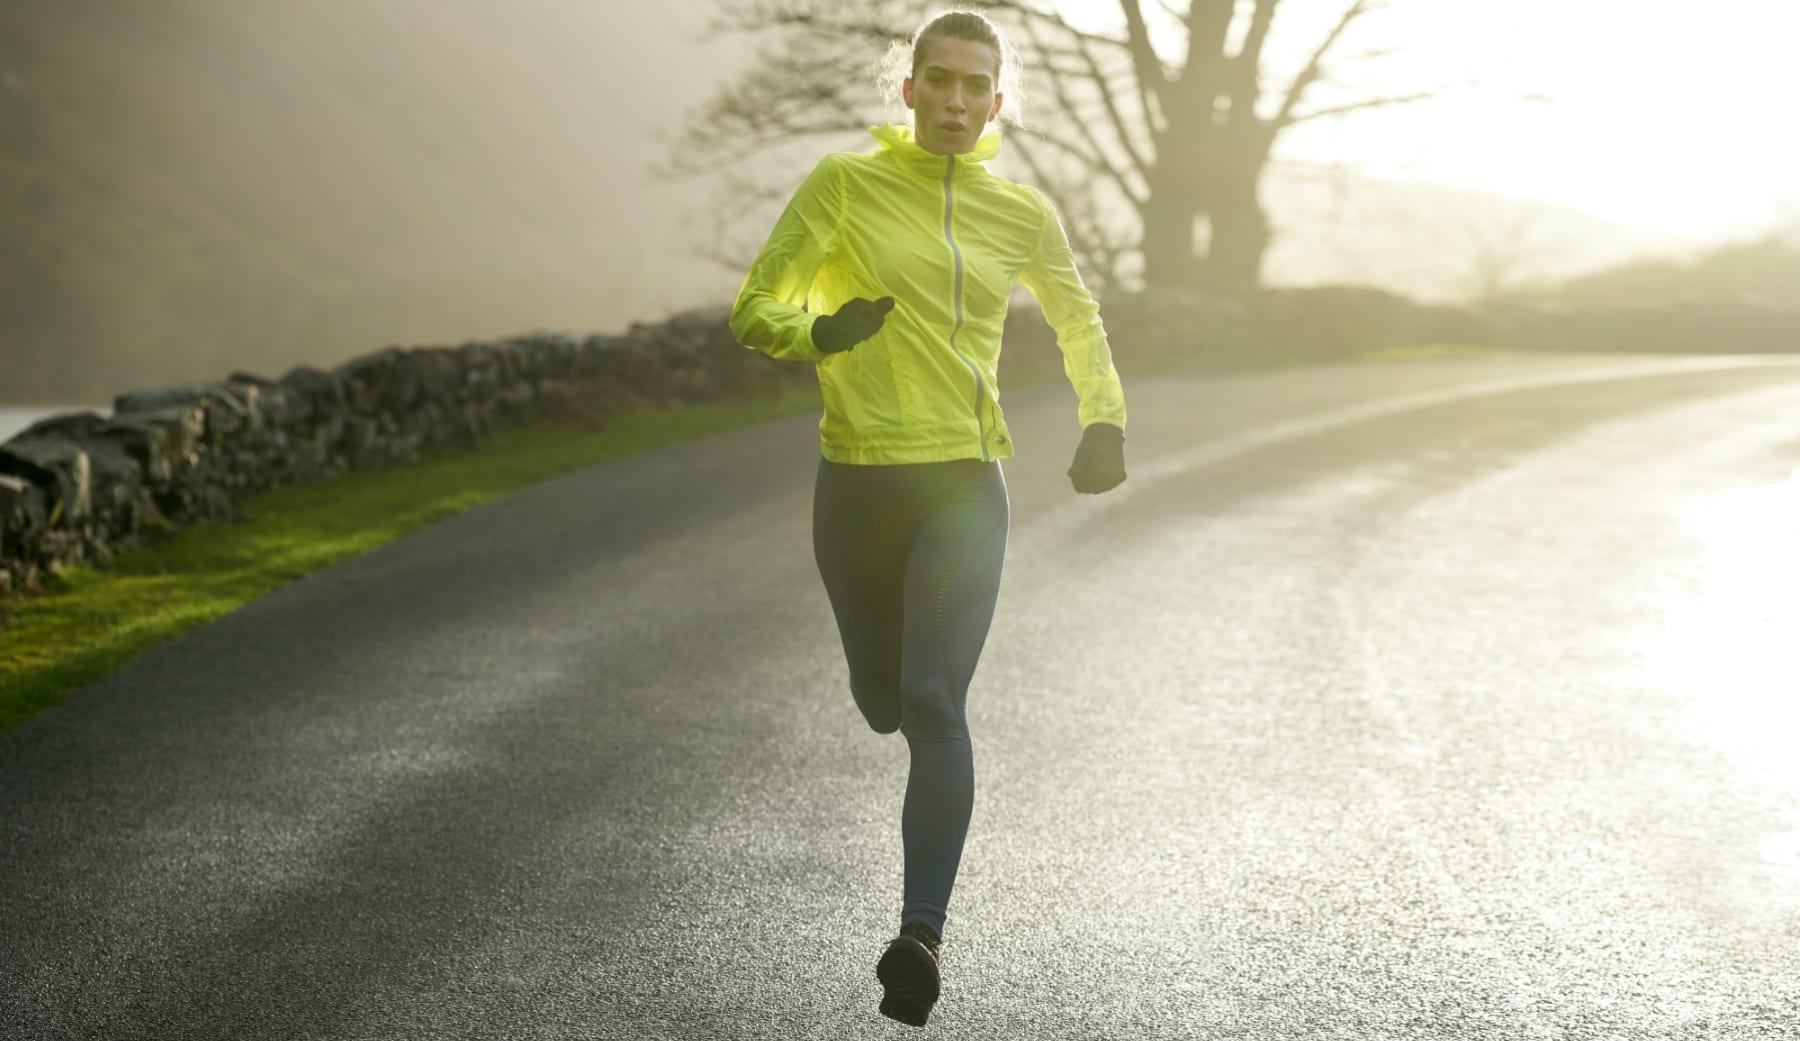 So verbesserst du deine Laufzeit